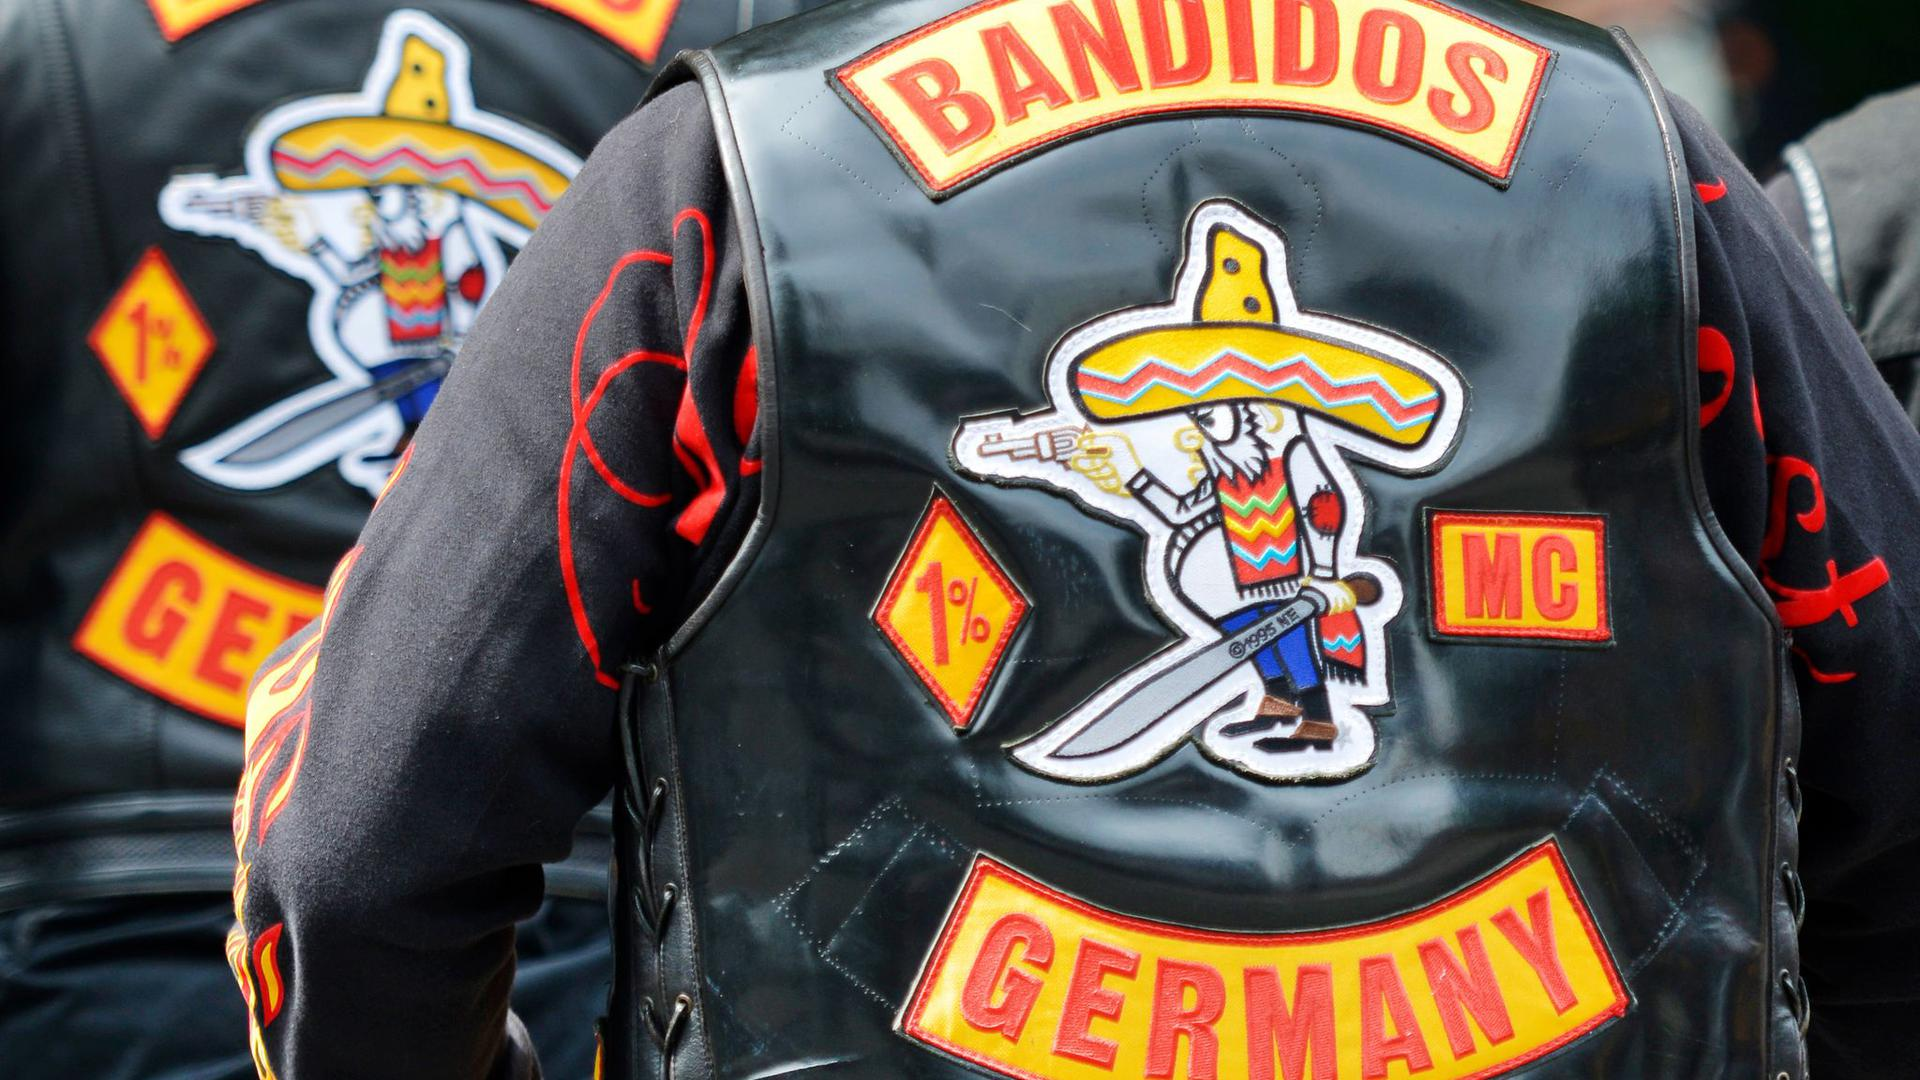 """Mitglieder des Motorradclubs """"Bandidos"""" in ihren berühmt-berüchtigten Kutten."""